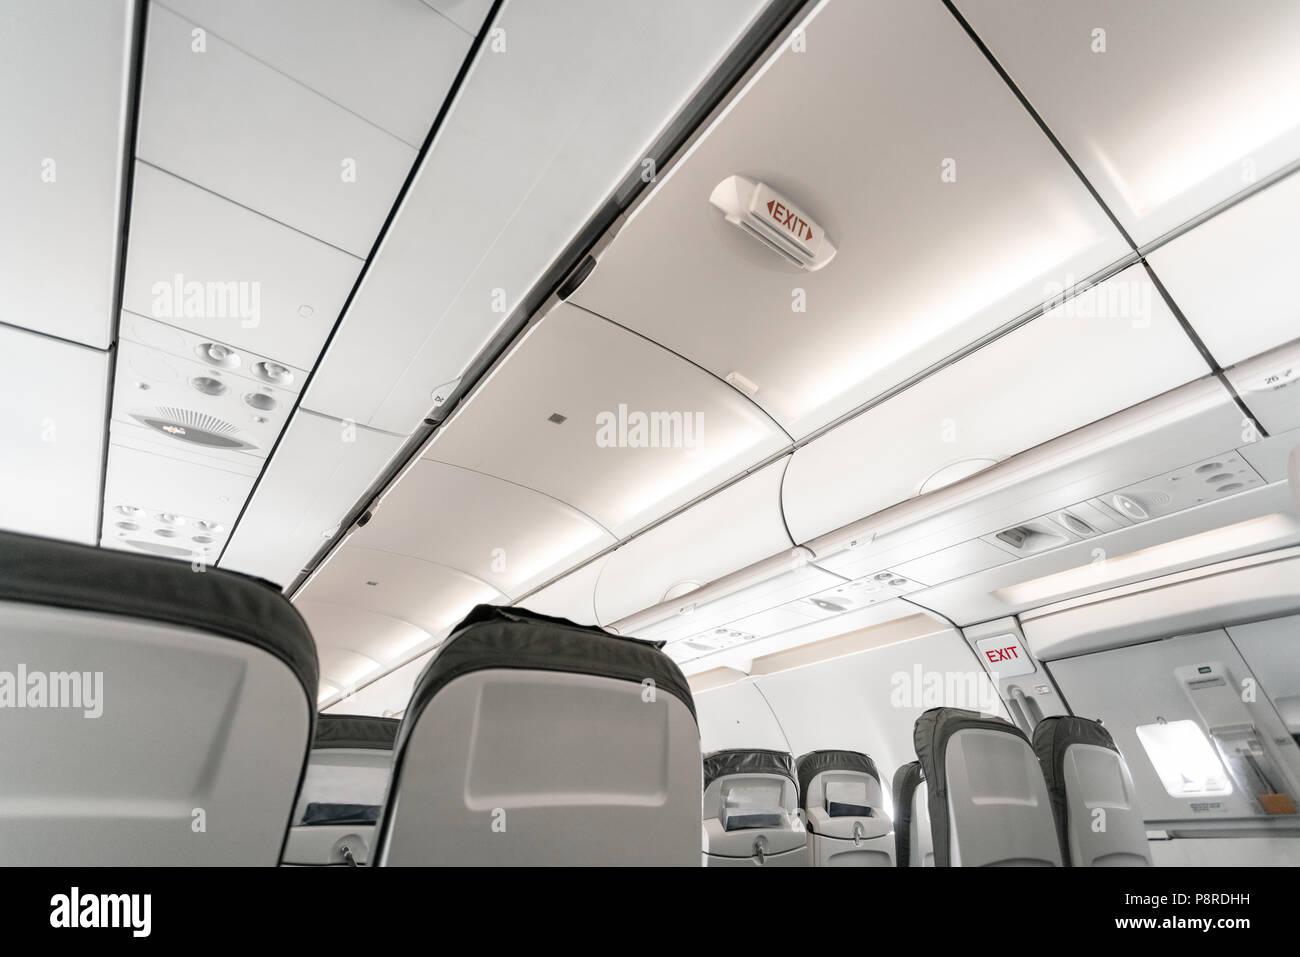 Salida de emergencia en una aeronave, vista desde el interior del avión. Los asientos de los aviones vacíos en la cabina. Concepto de transporte moderno. Los aviones de larga distancia de vuelo internacional Imagen De Stock